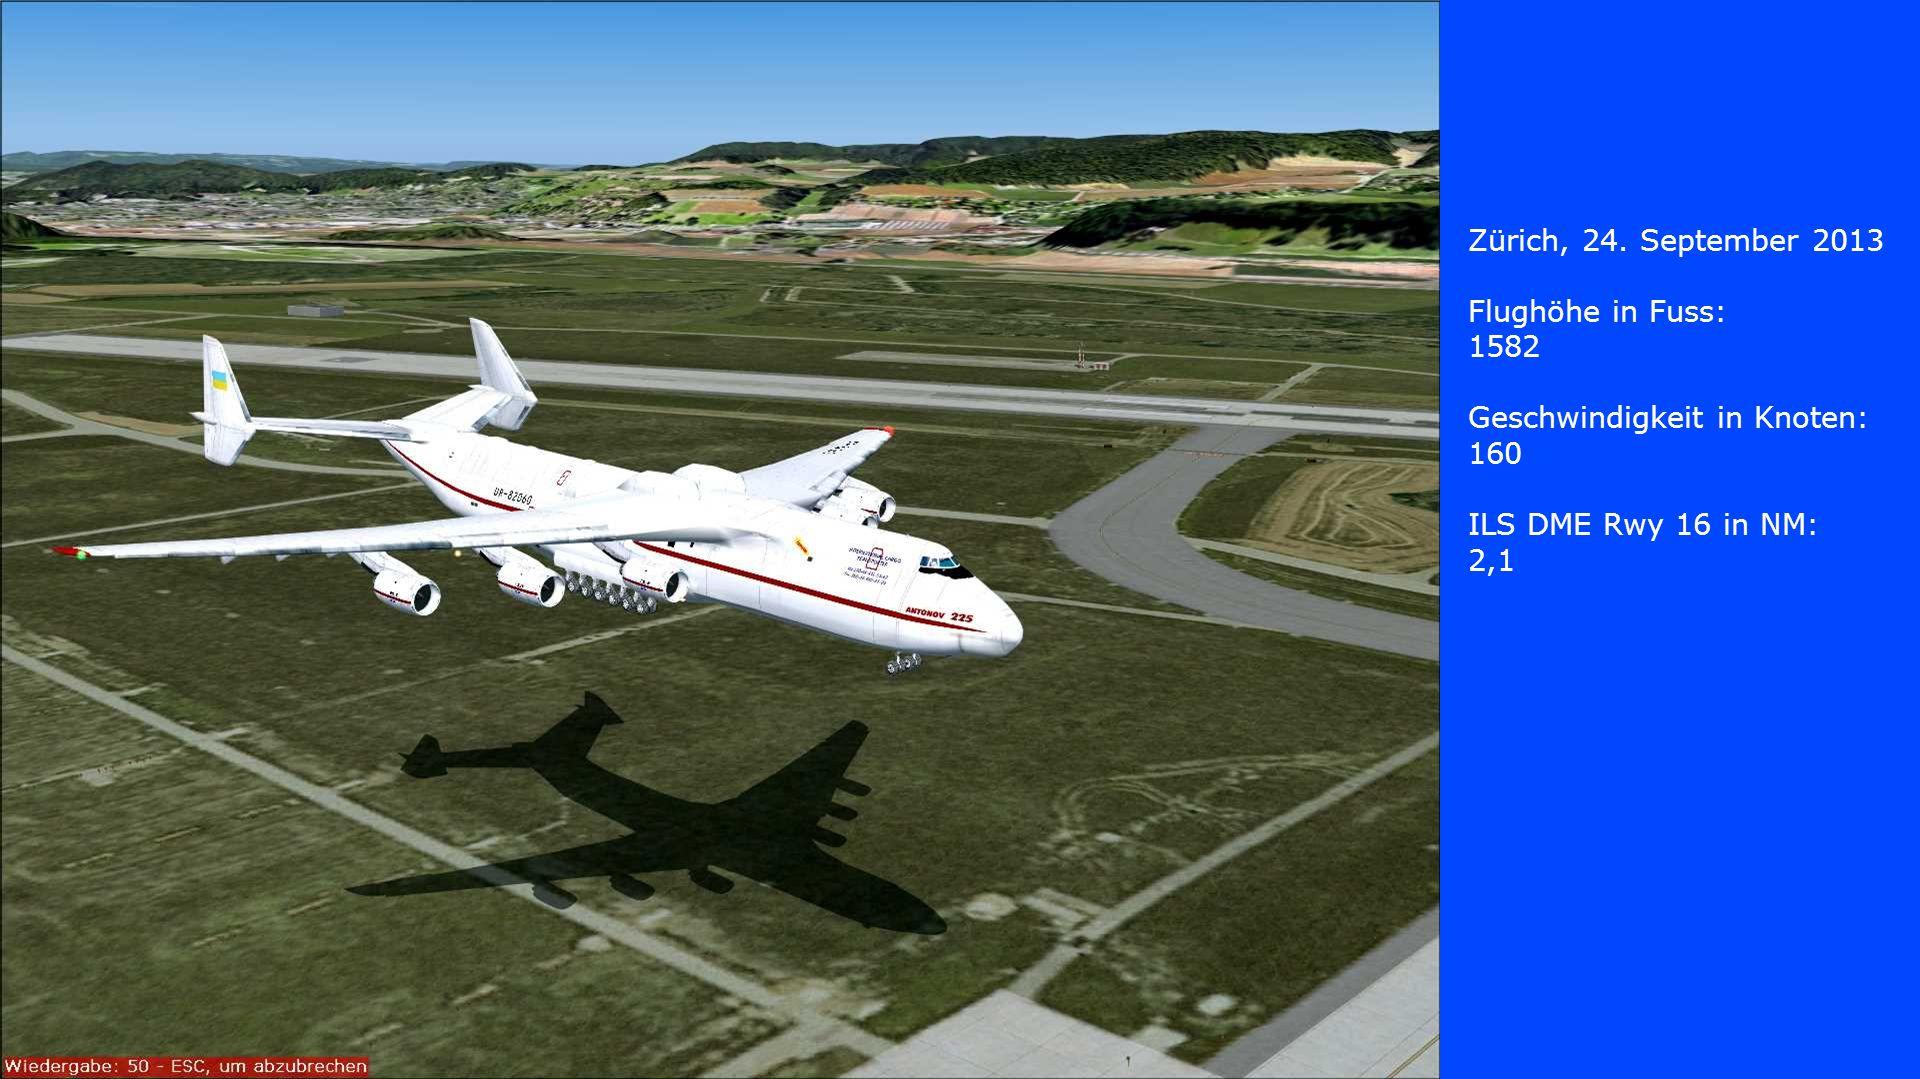 Zürich, 24. September 2013 Flughöhe in Fuss: 1582. Geschwindigkeit in Knoten: 160. ILS DME Rwy 16 in NM: